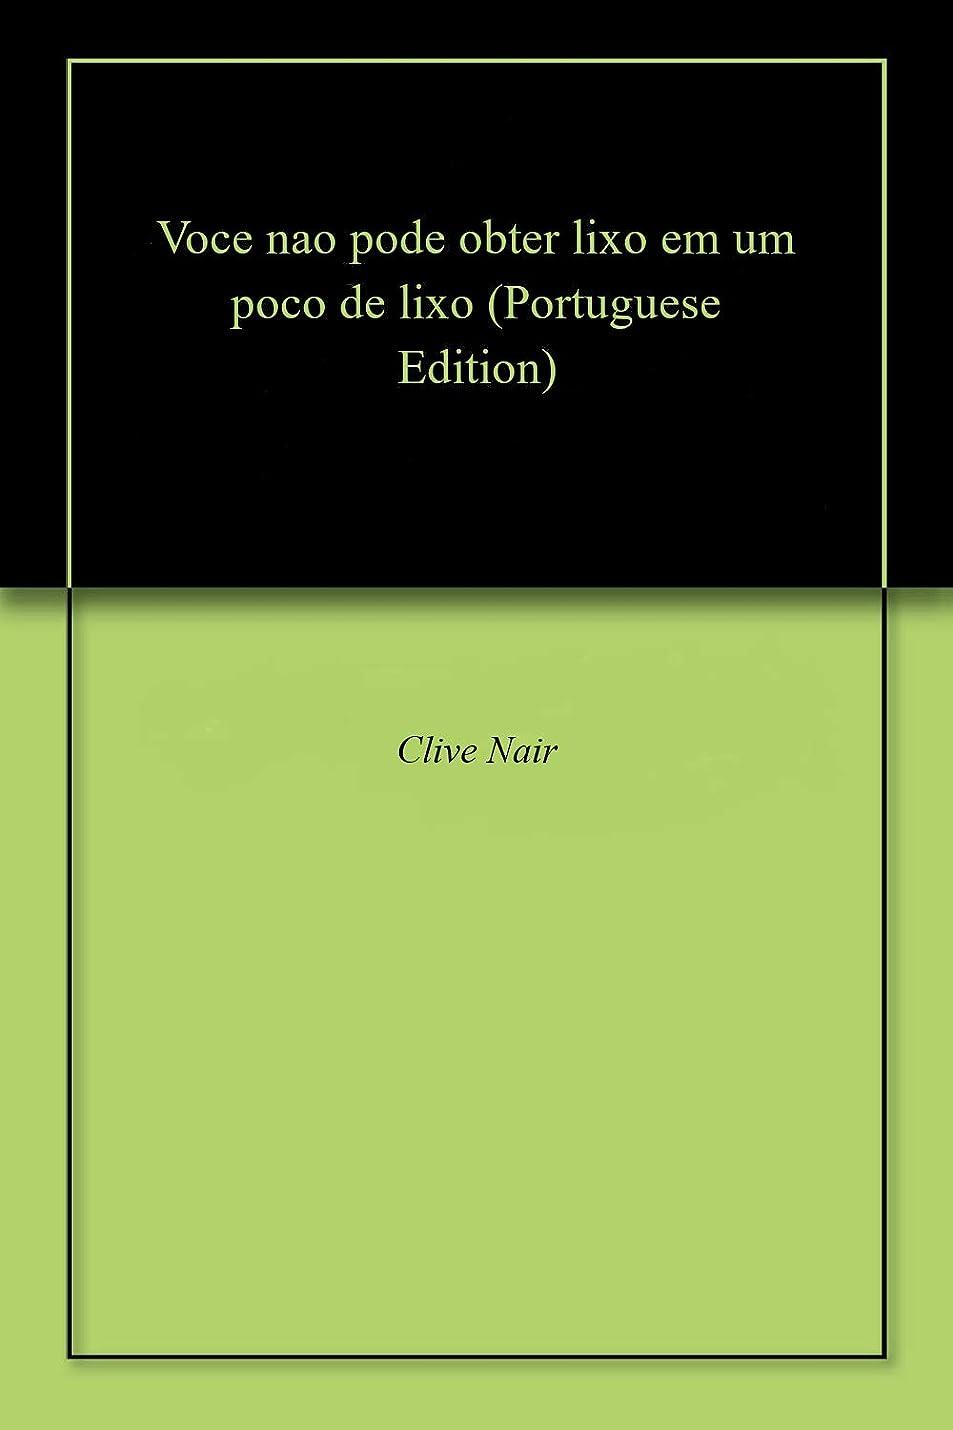 セッションお嬢睡眠Voce nao pode obter lixo em um poco de lixo (Portuguese Edition)